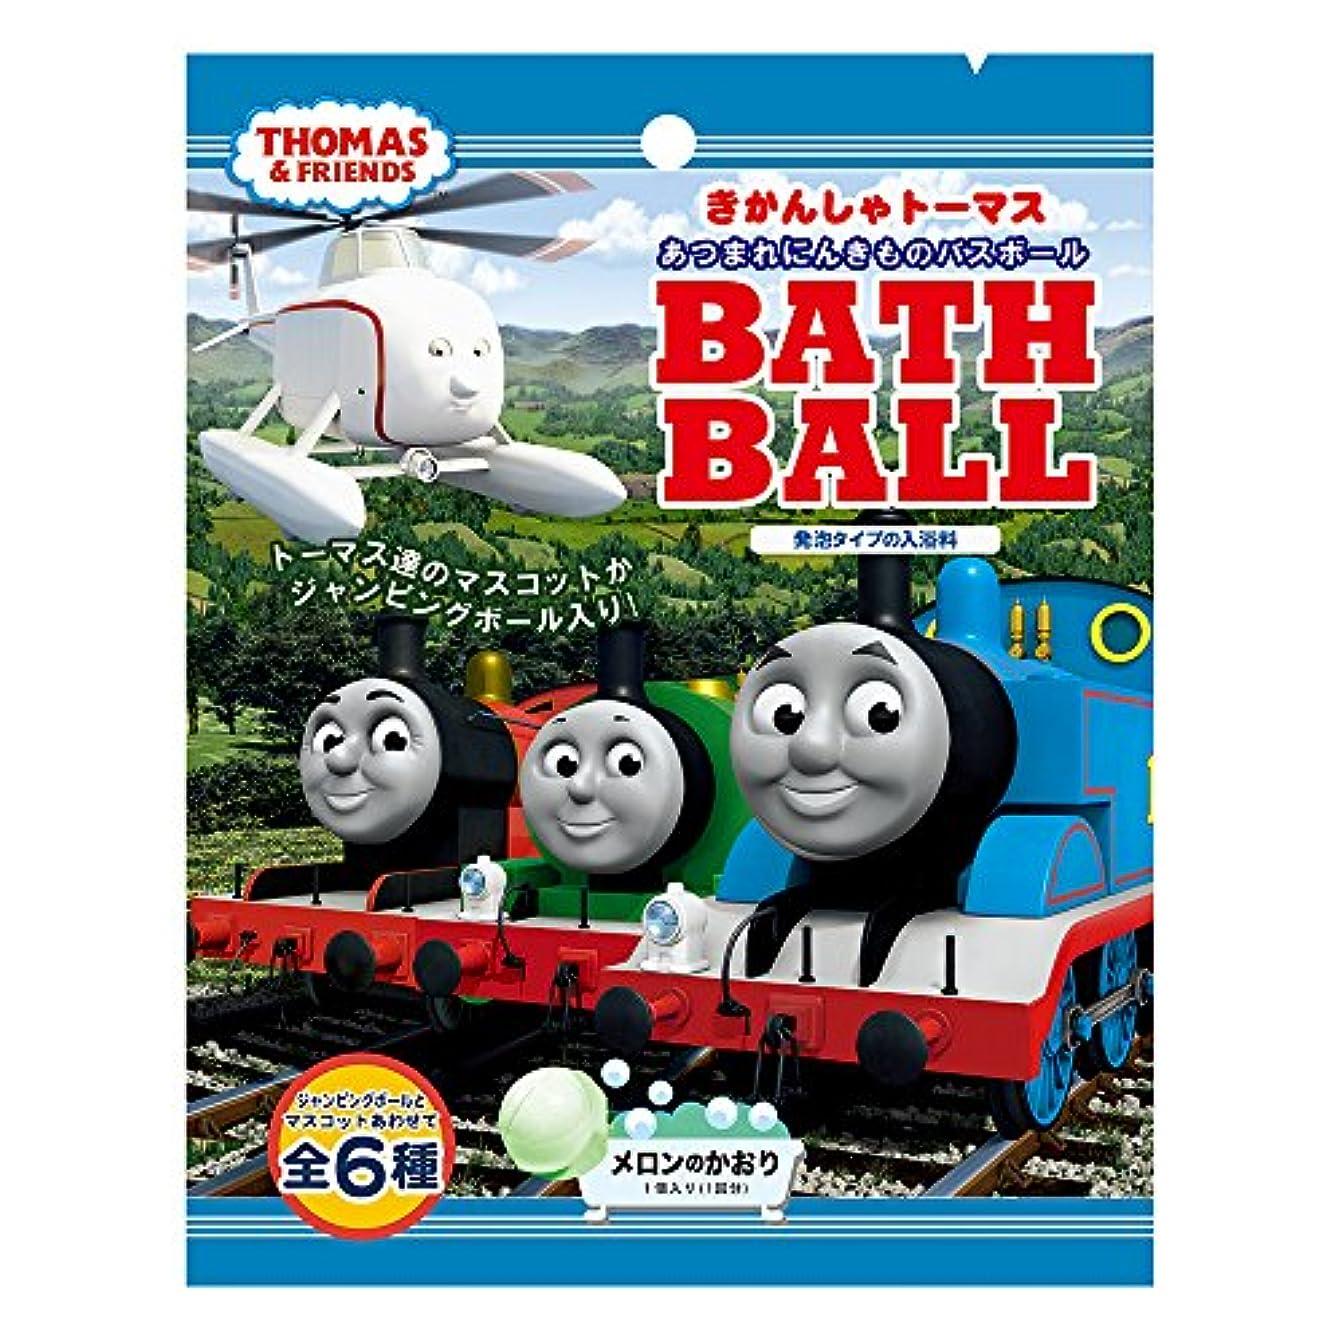 雲第違反きかんしゃトーマス 入浴剤 あつまれにんきもの バスボール おまけ付き メロンの香り OB-TOB-5-1